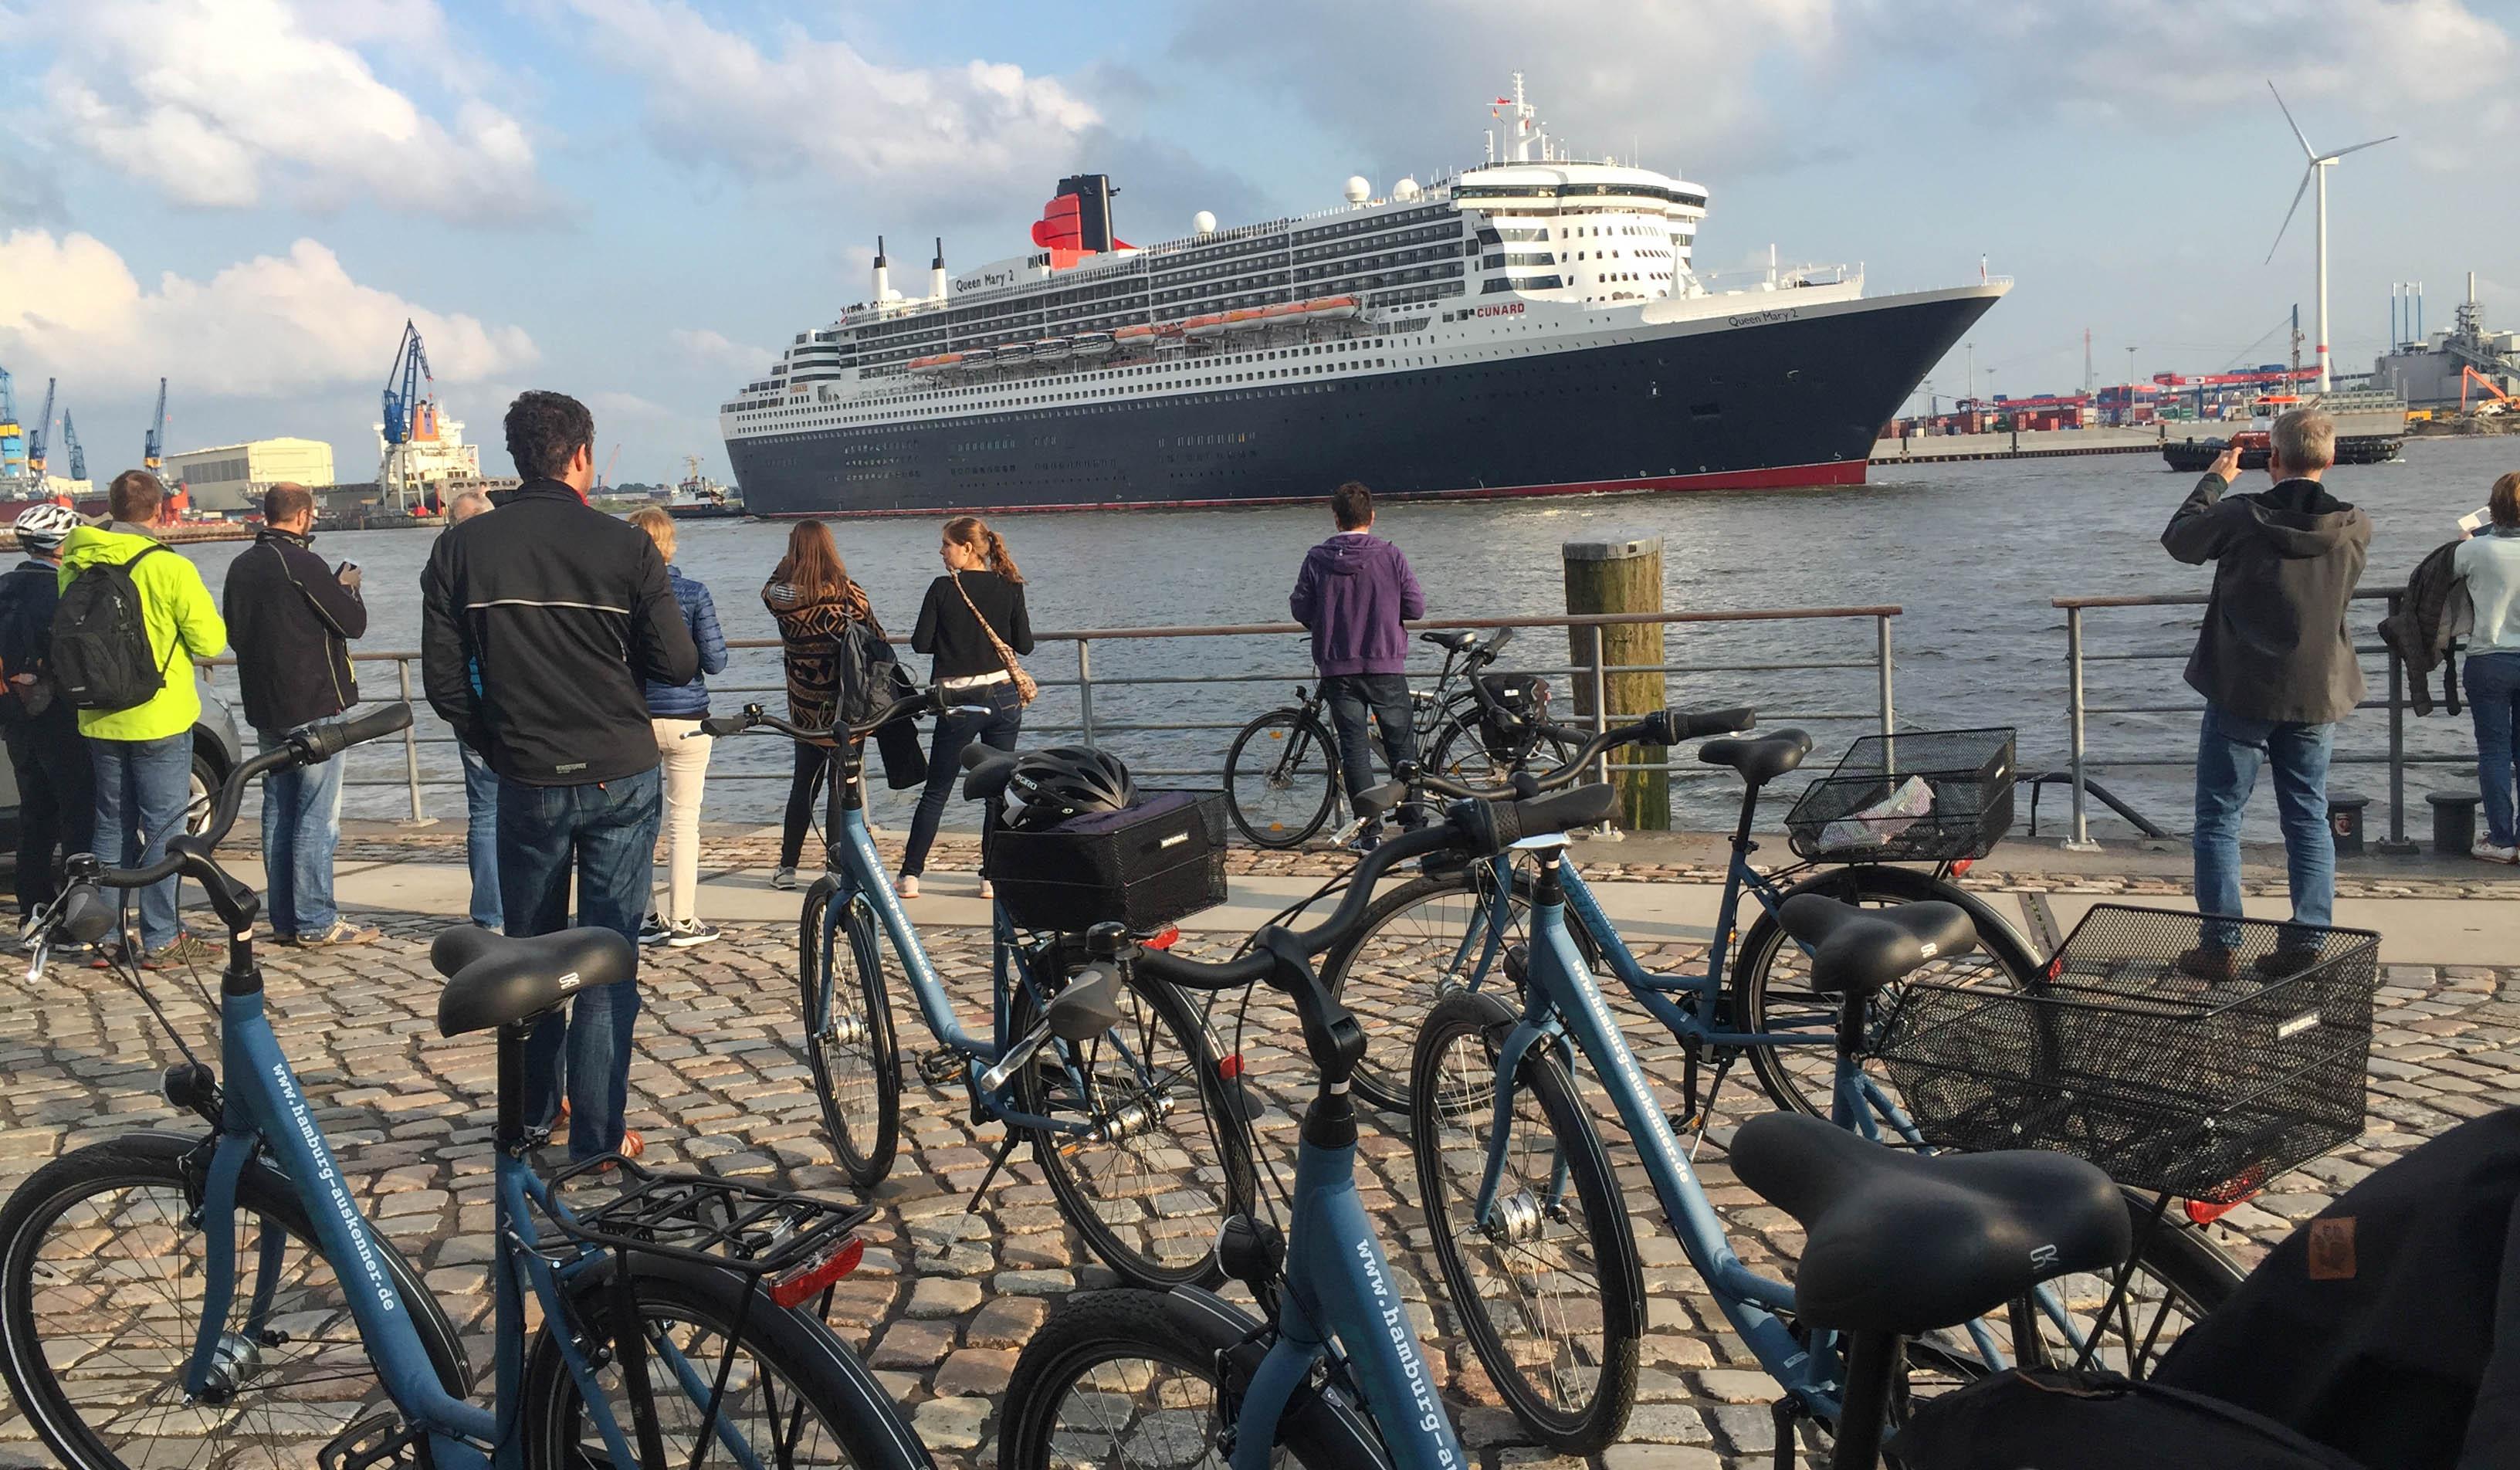 Geführte Fahrradtour als Incentive am Hamburger Fischmarkt. Die Gruppe steht vor den Fahrrädern und schaut auf die auslaufende Queen Mary 2.